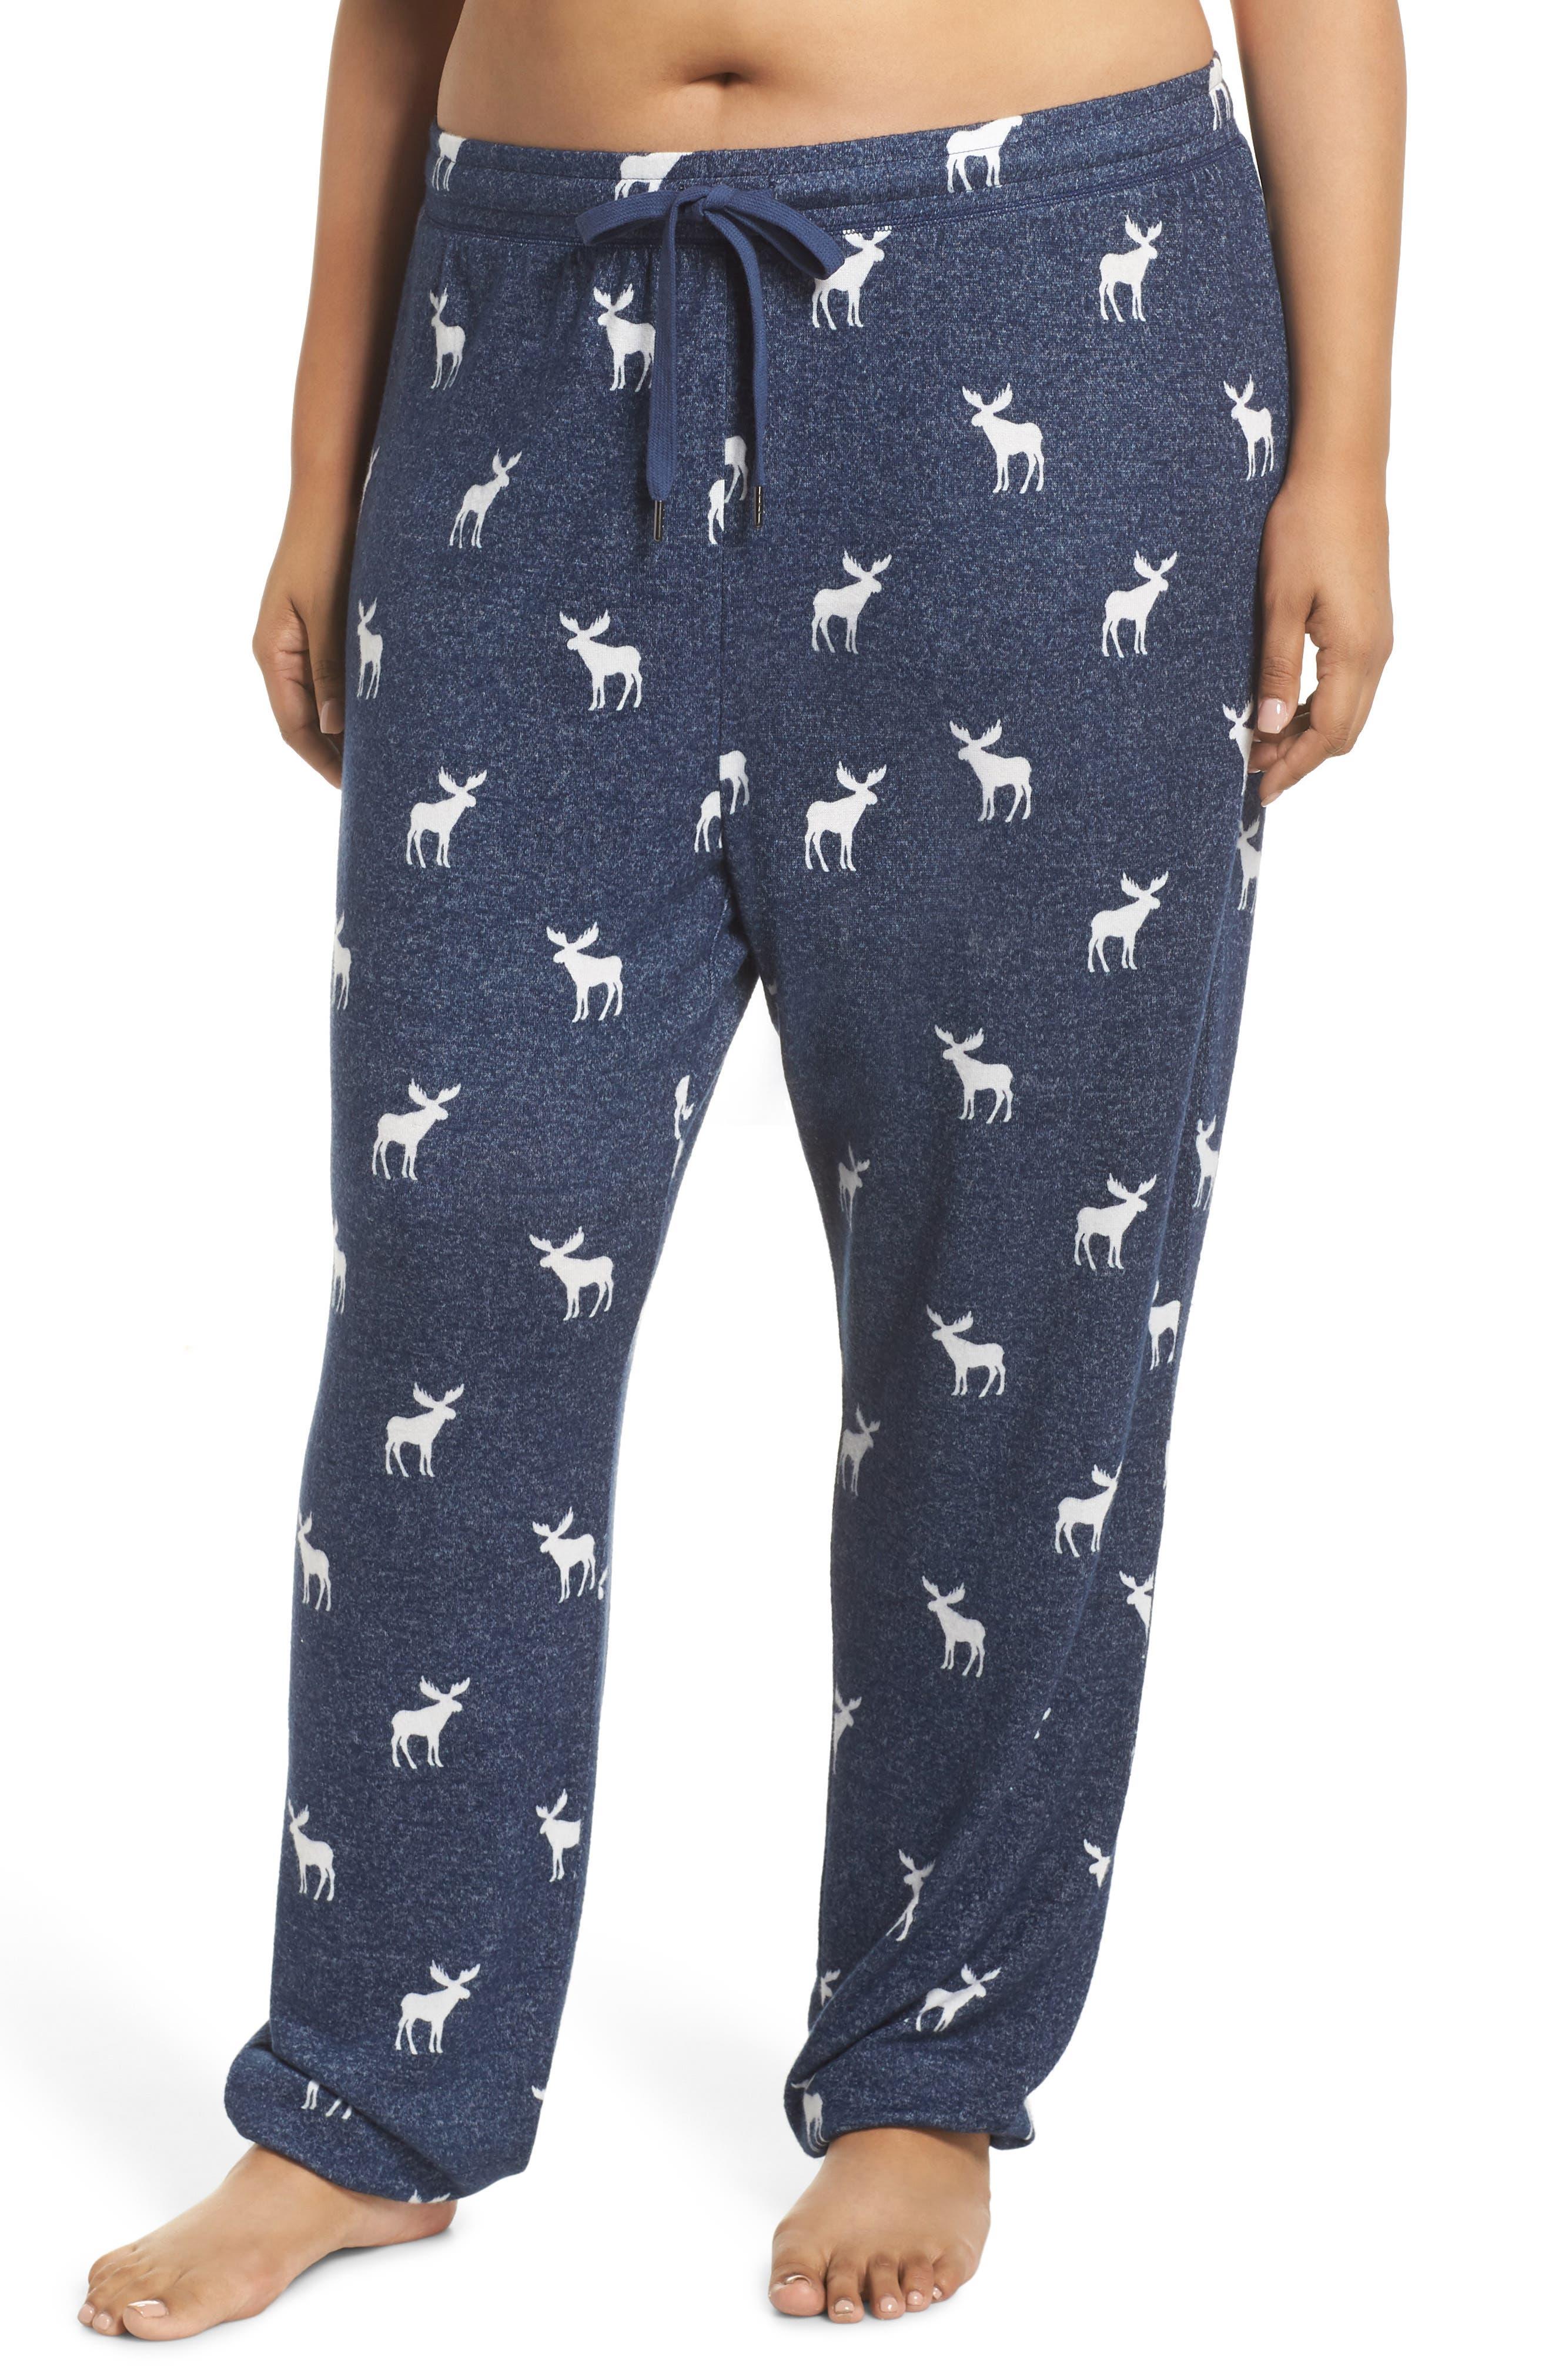 Moose Print Banded Pajama Pants,                         Main,                         color, NAVY